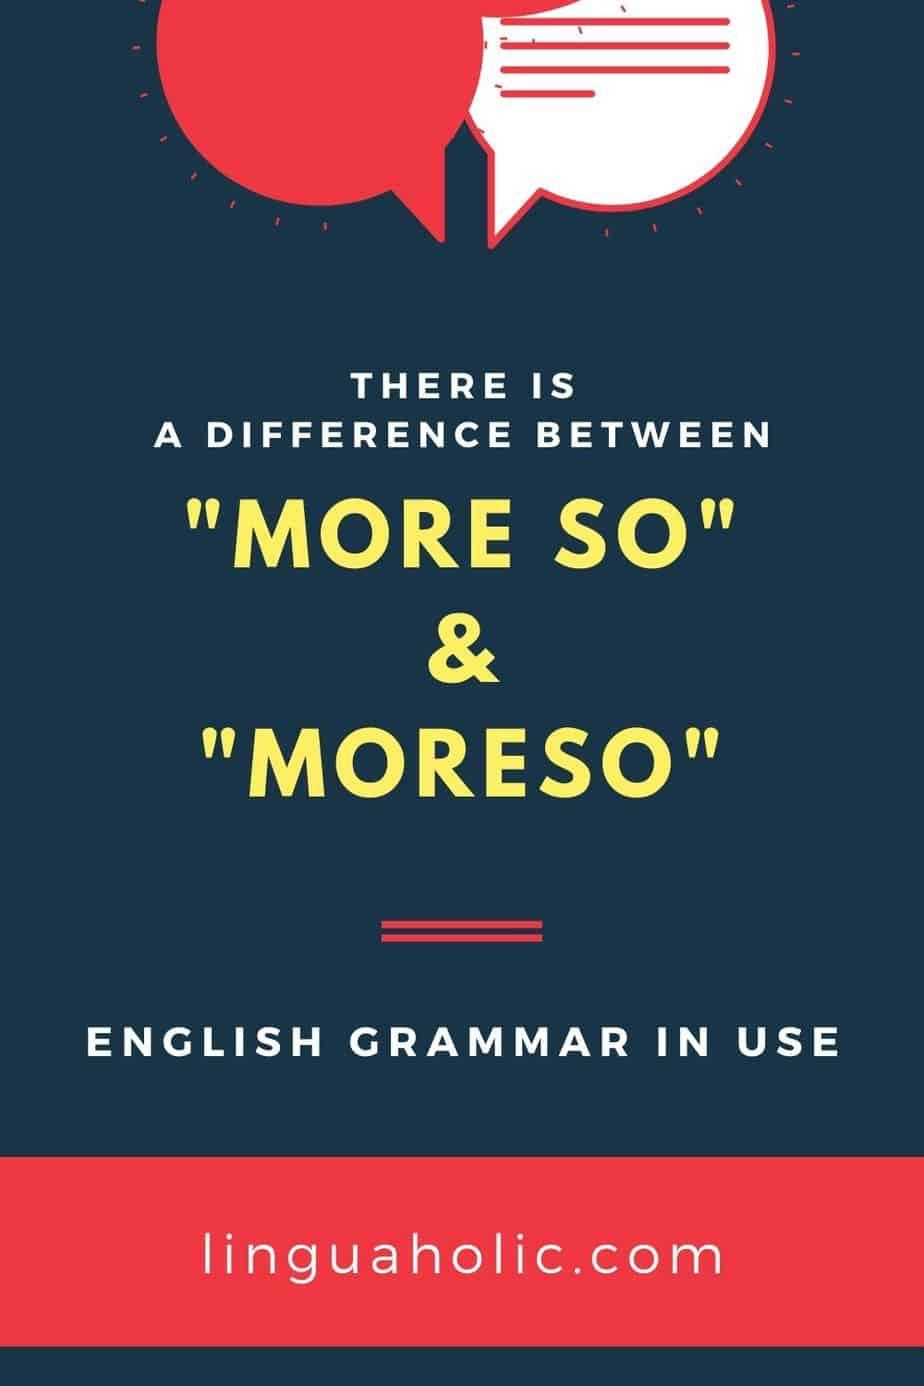 English Grammar: More so vs. moreso